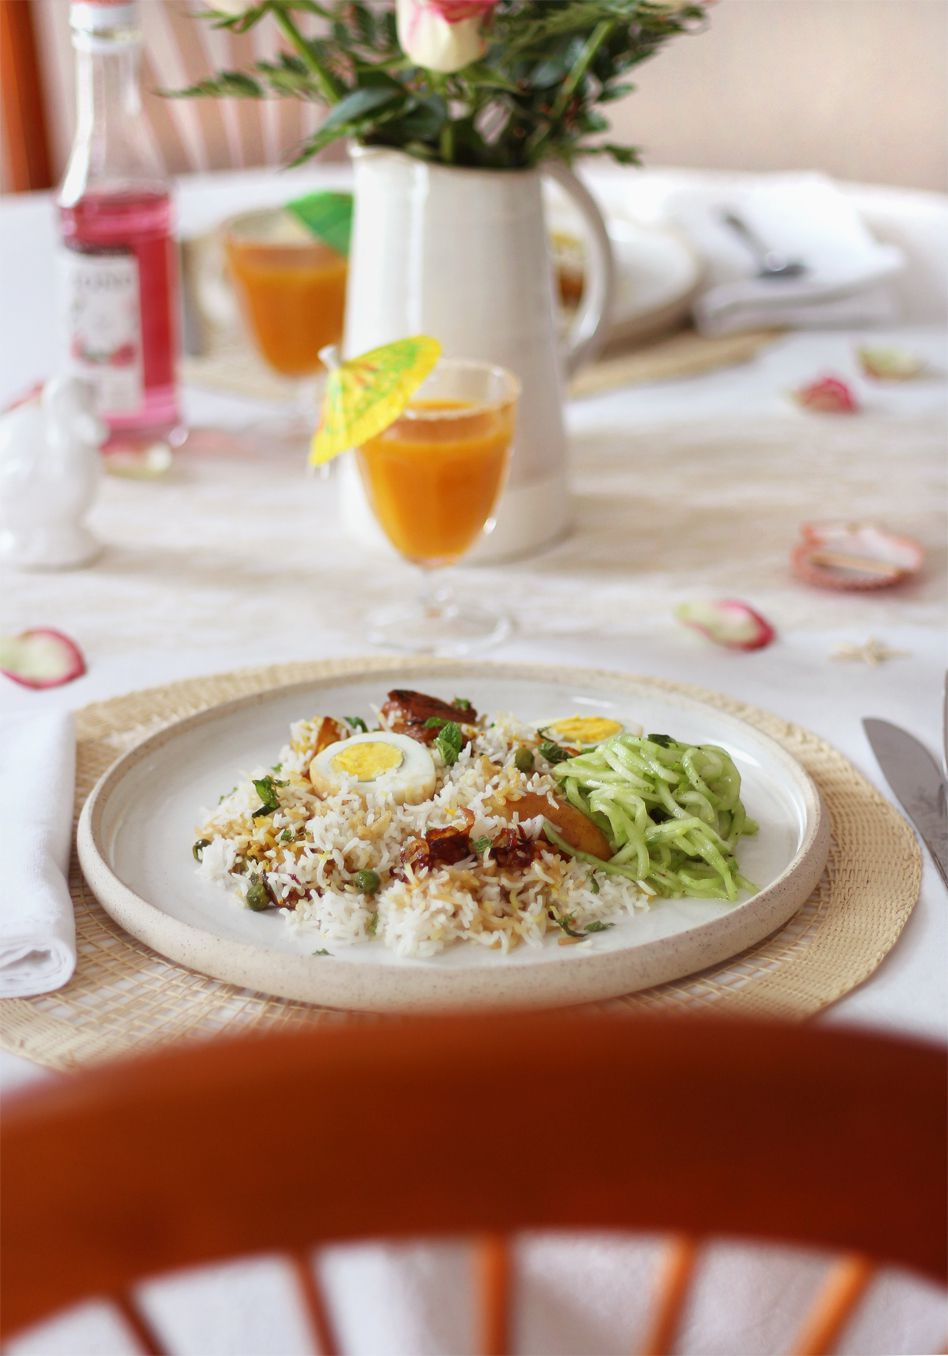 Briani végétarien & sa salade de concombre à la menthe, mon plat festif pour l'Indépendance d'île Maurice